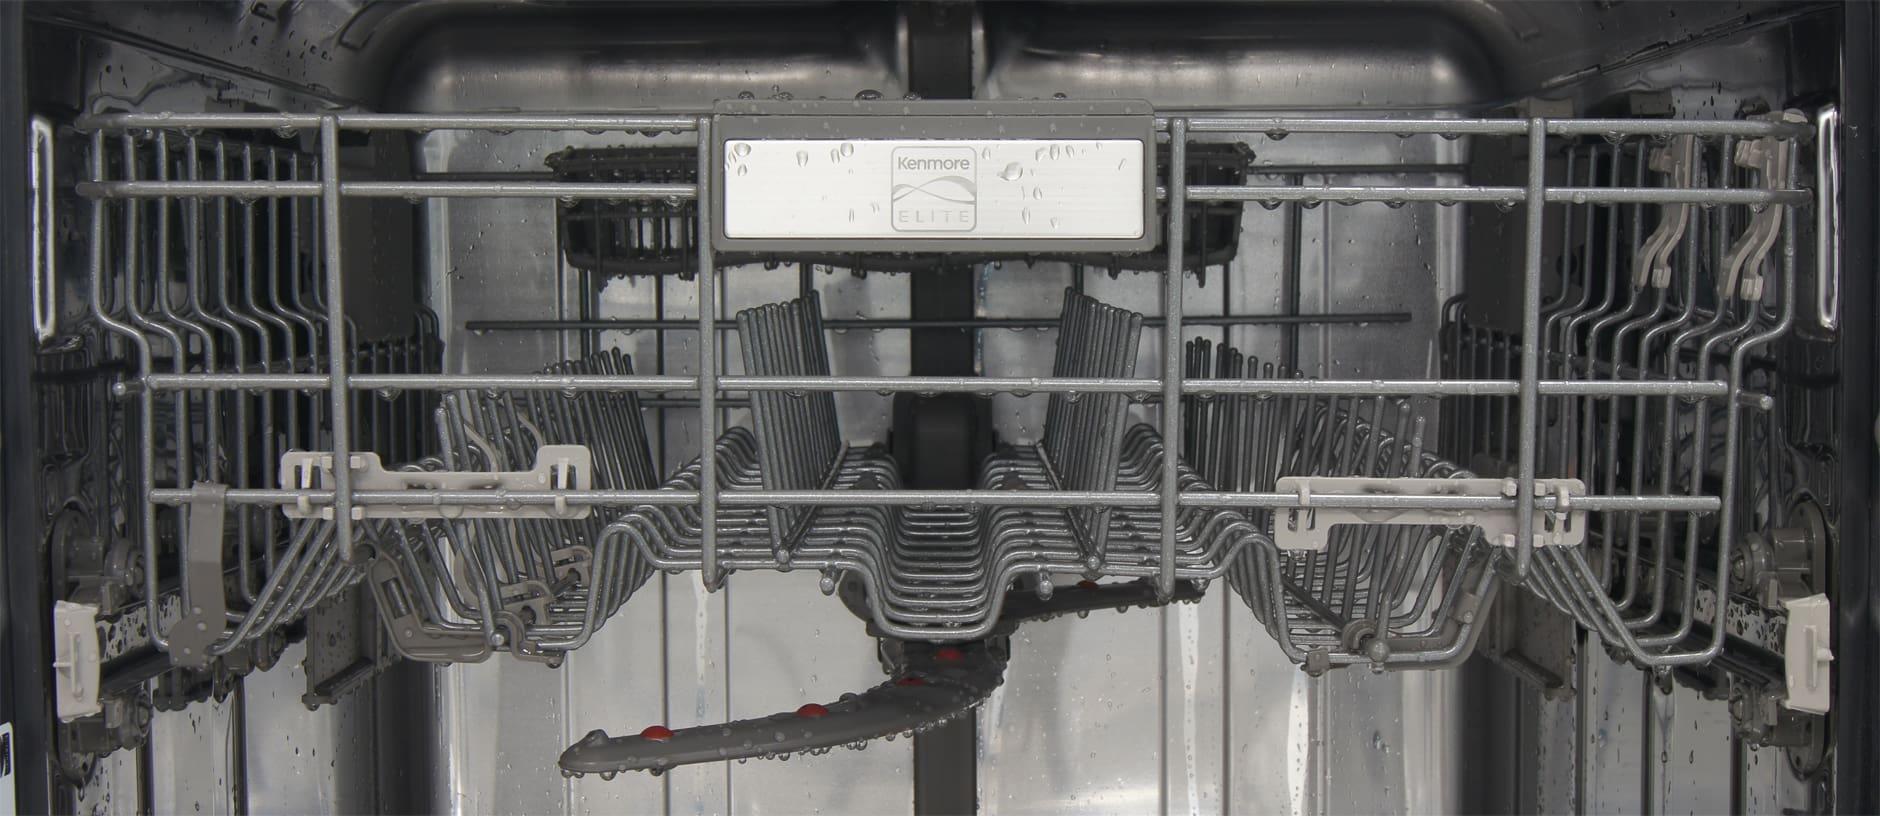 Kenmore Elite 12773 Dishwasher Review Reviewed Dishwashers